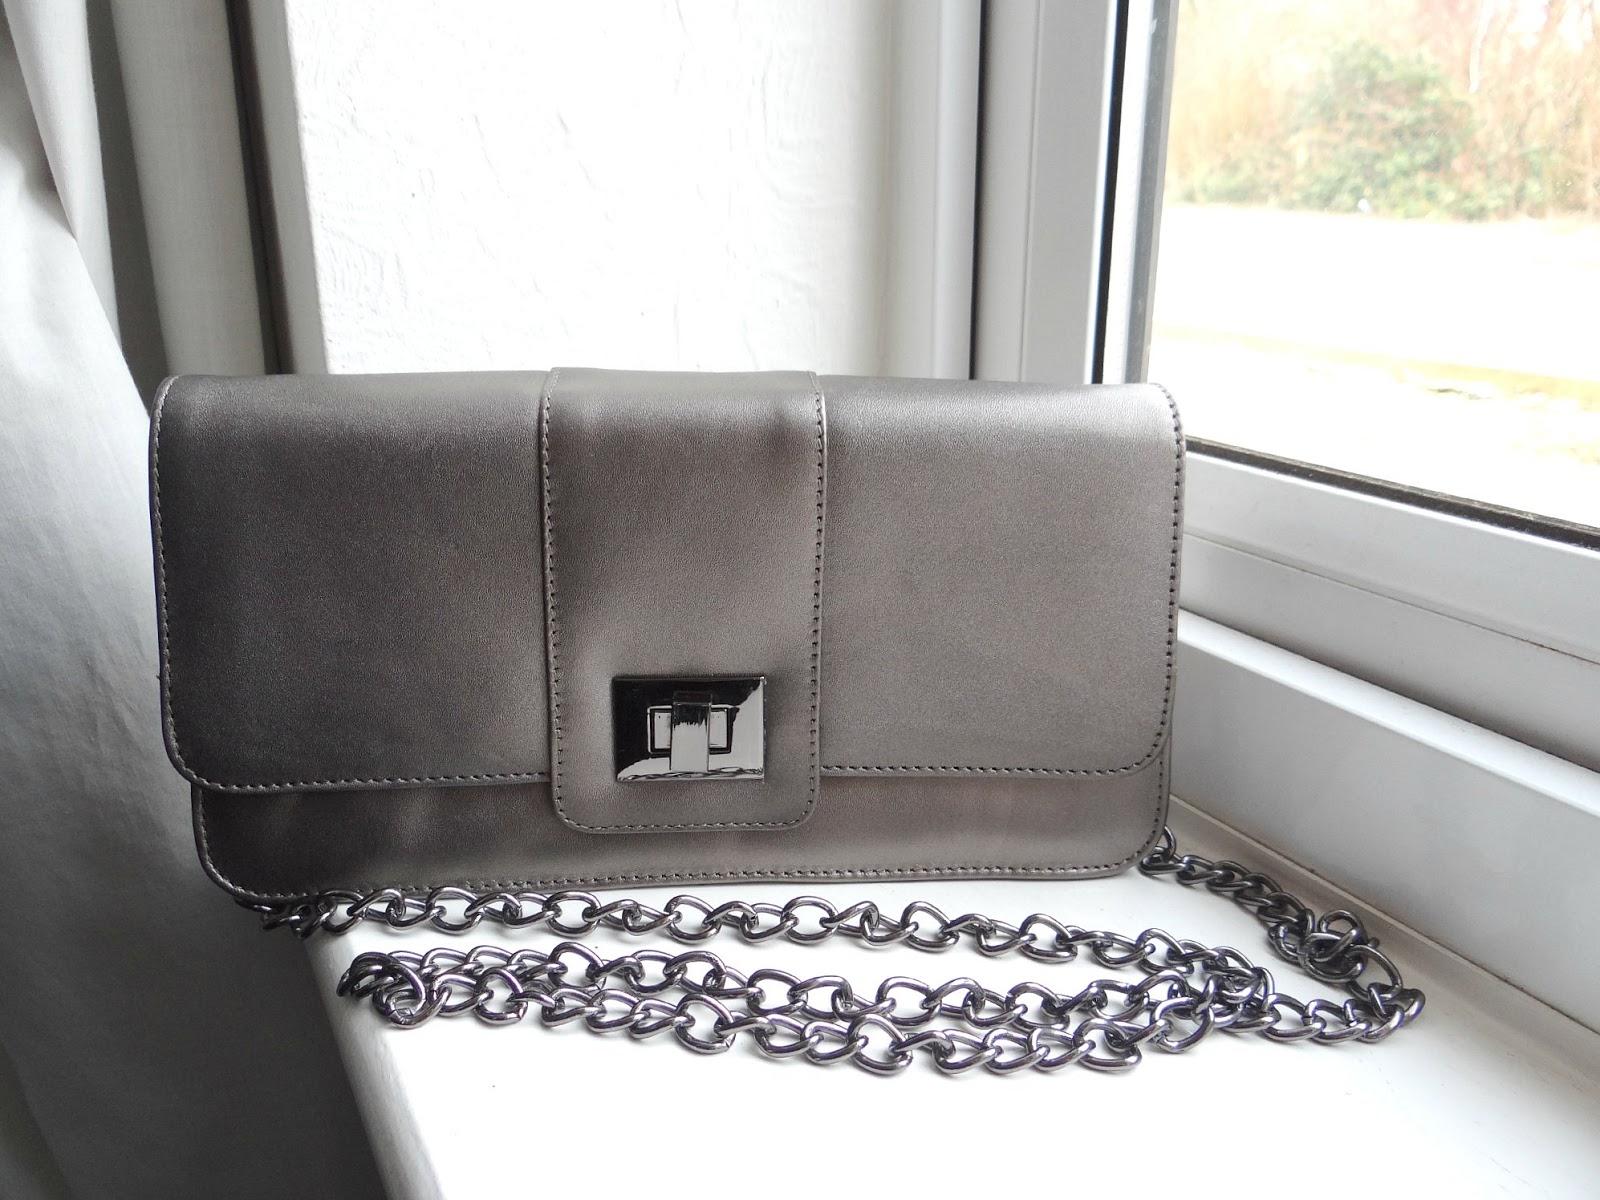 Hotter Handbags Capri Bag